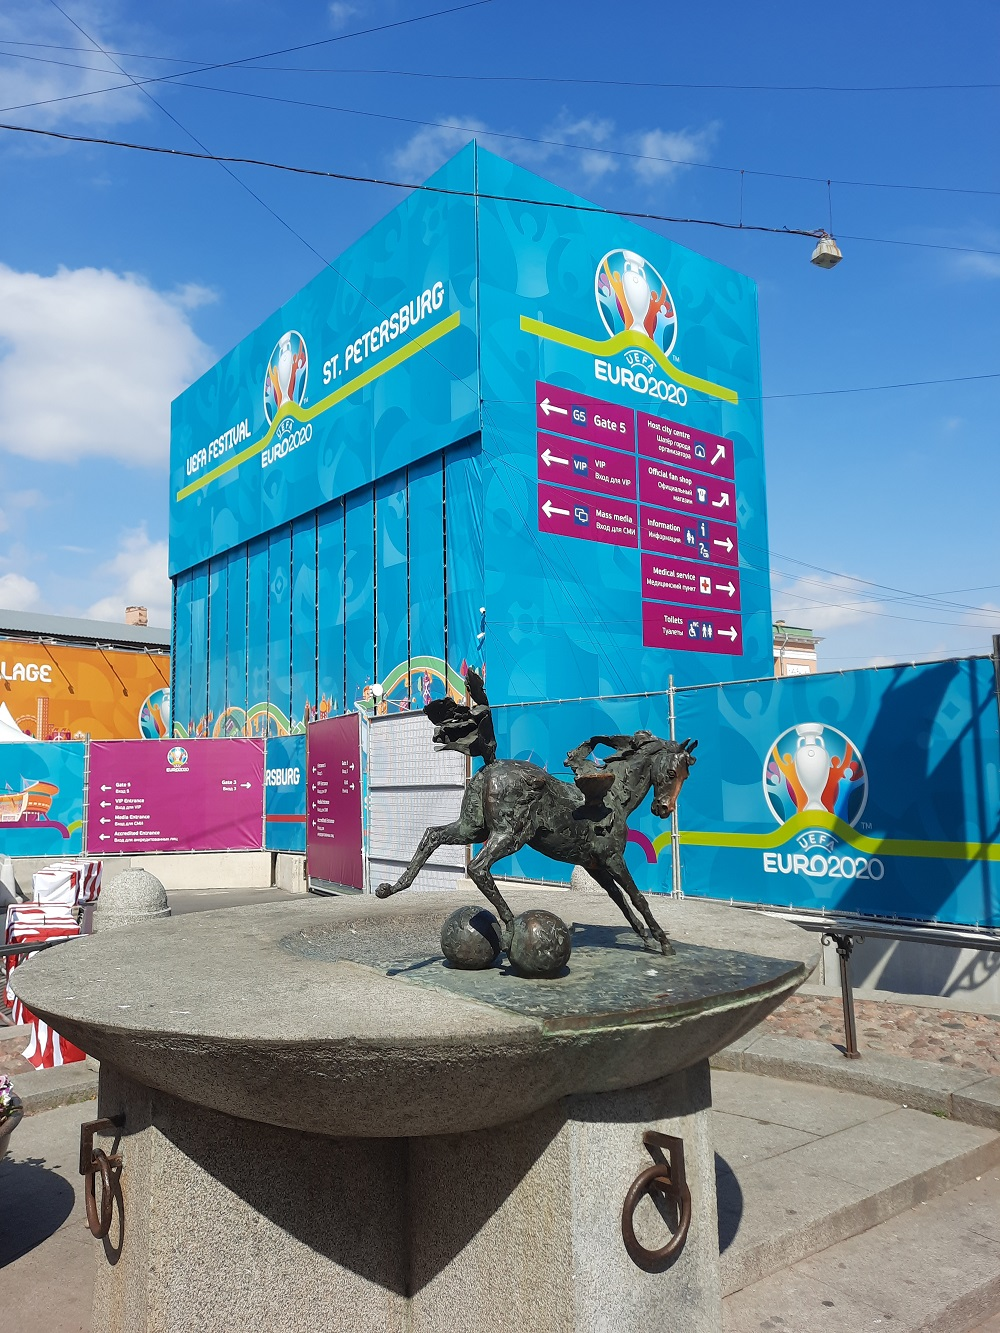 «Жизнь — командный вид спорта». Олег Матыцин посетил «Футбольную деревню» в Петербурге накануне матча Россия  — Бельгия - фото